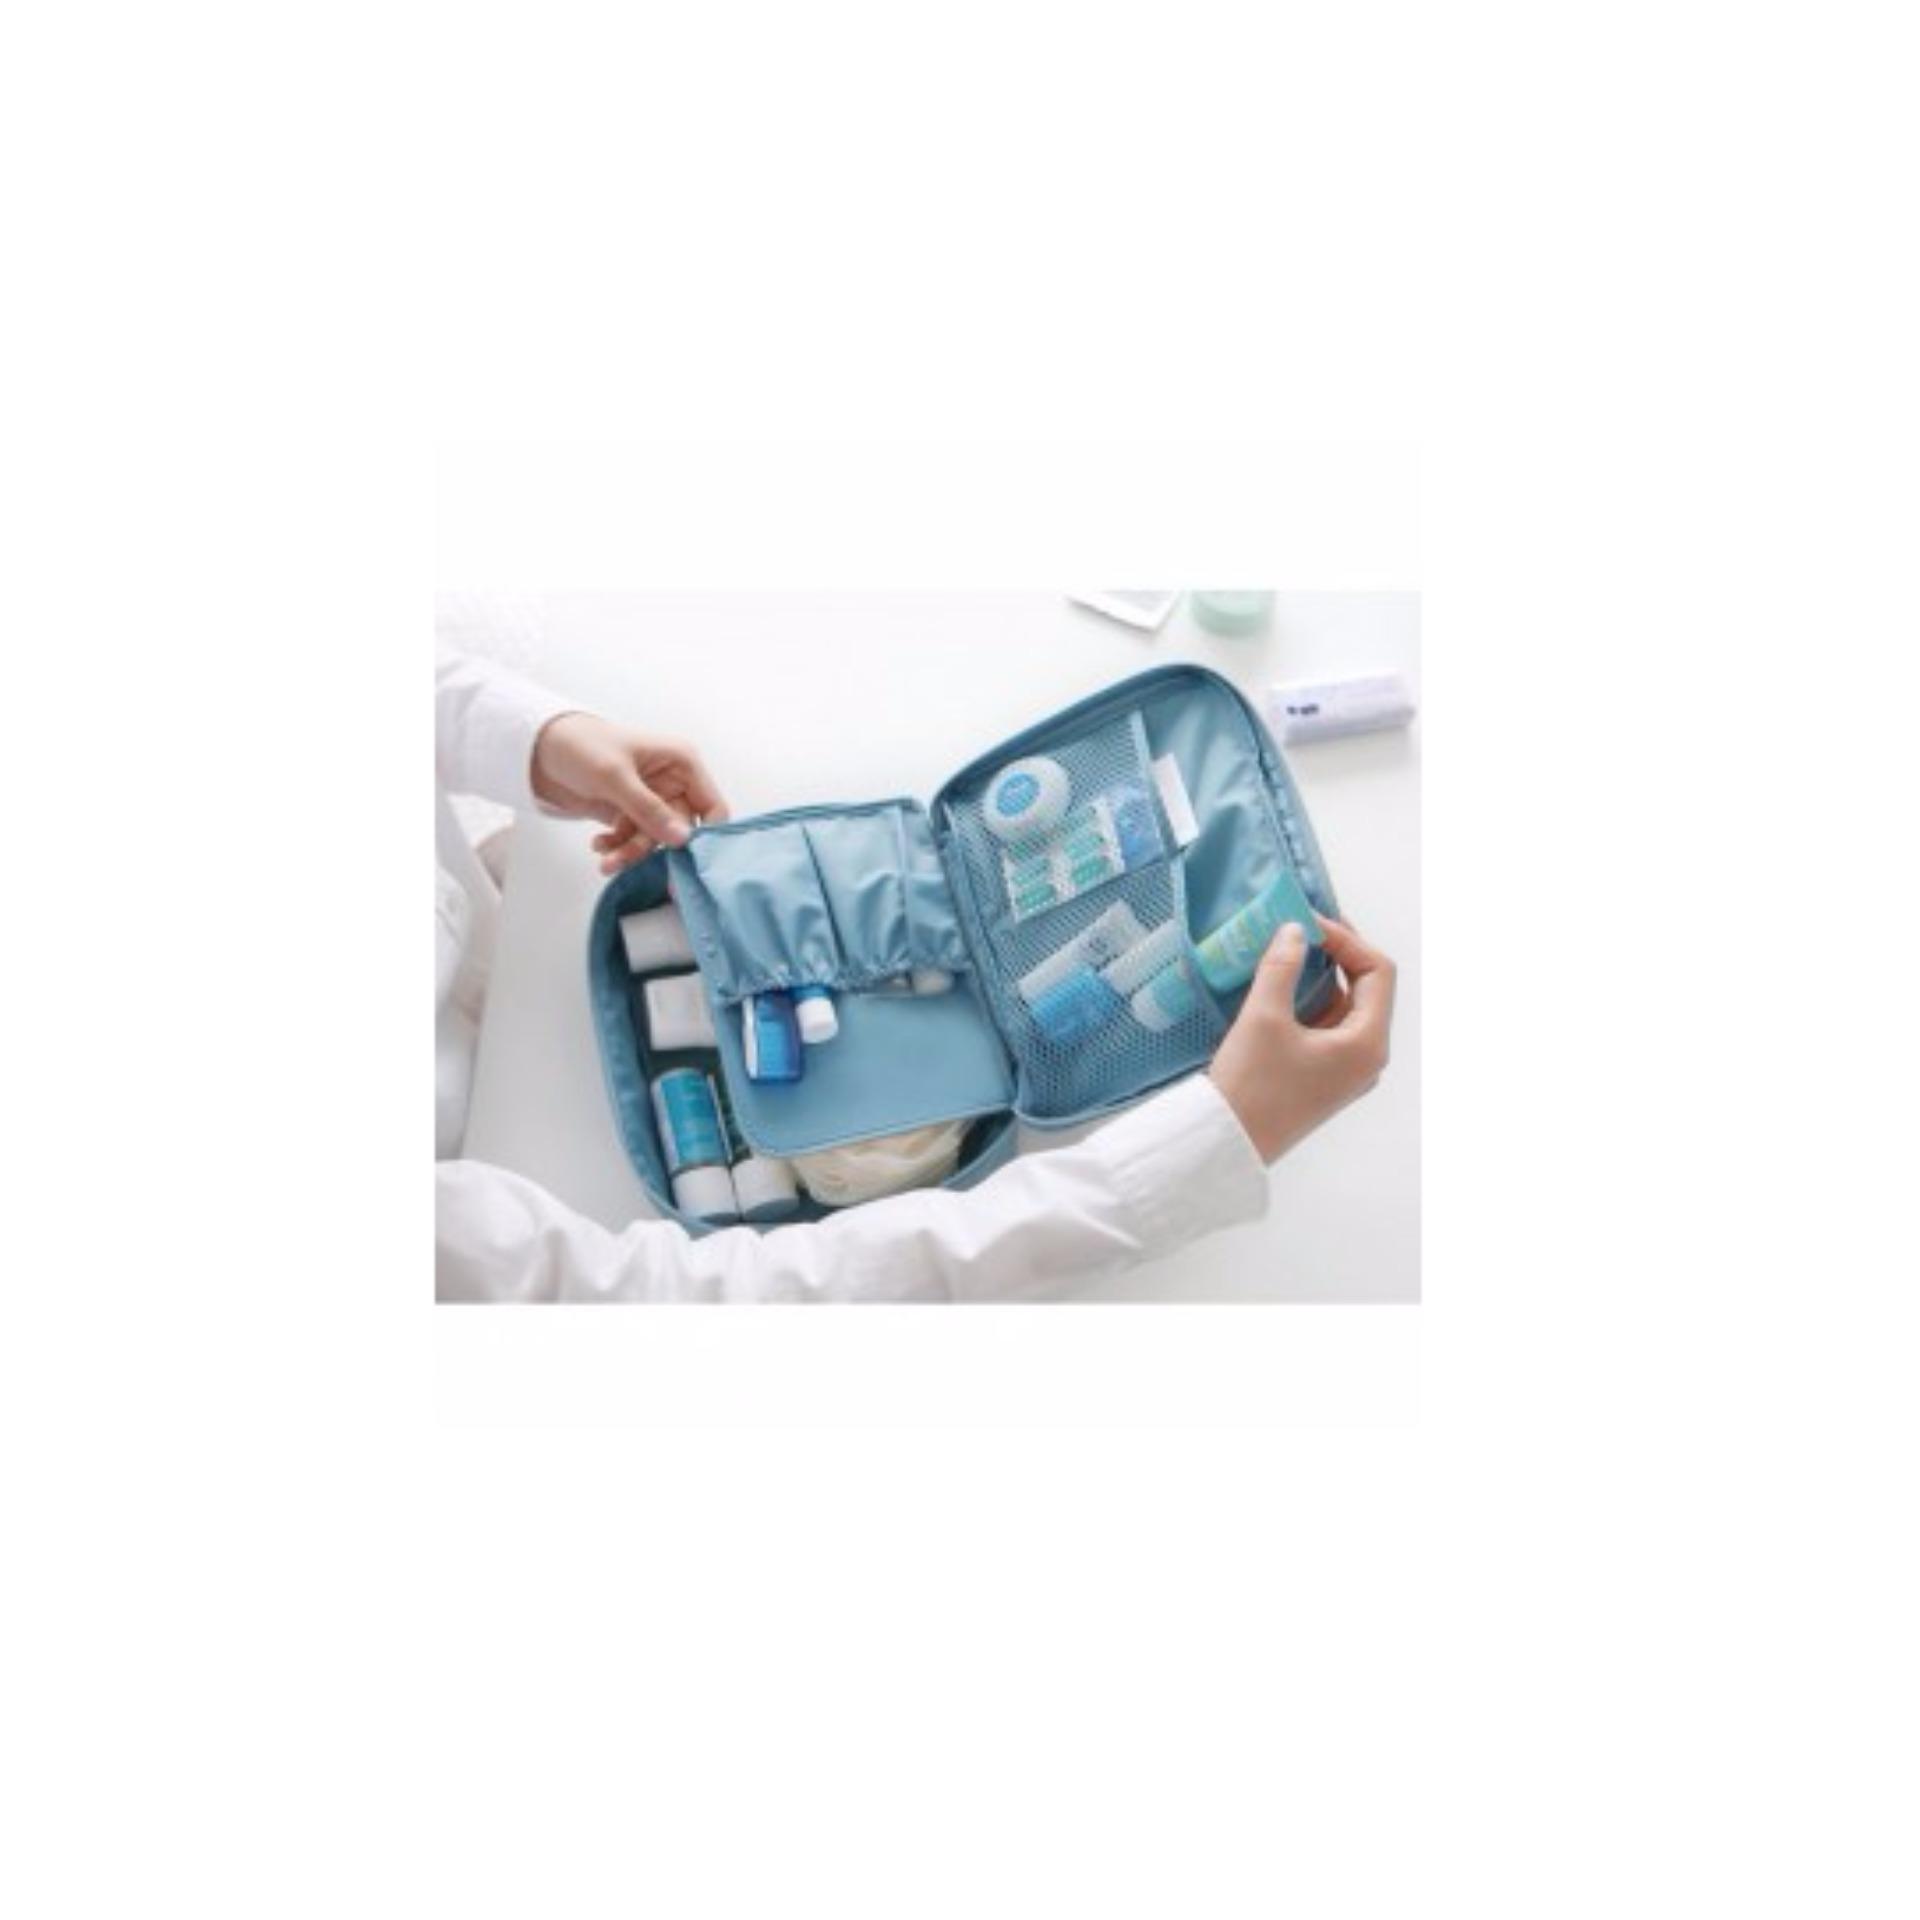 Tas Travel Bag In Organizer Untuk Kosmetik Dan Sabun Daftar Toiletries Alat Mandi Serbaguna 246 Orgnaizer